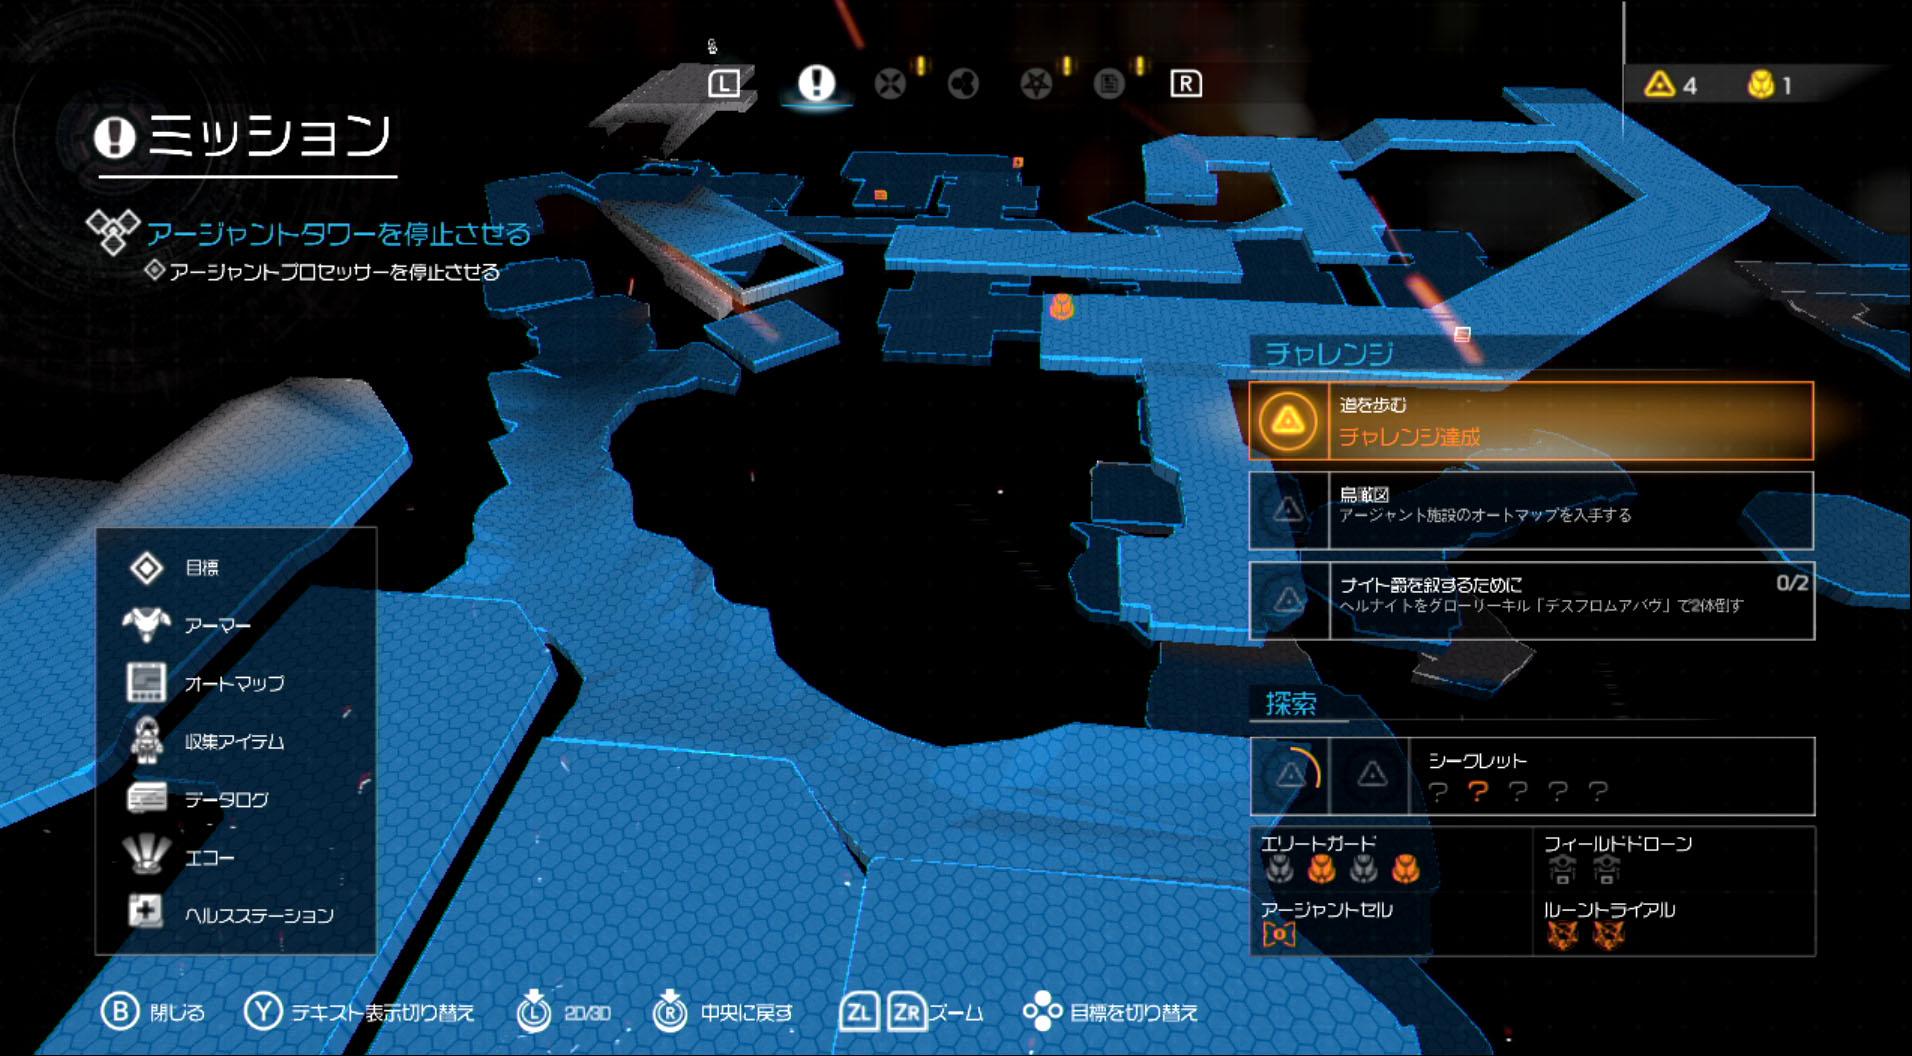 マップにはアイテムやチャレンジポイントも表示できる。探索するほどキャラクターを強化できる